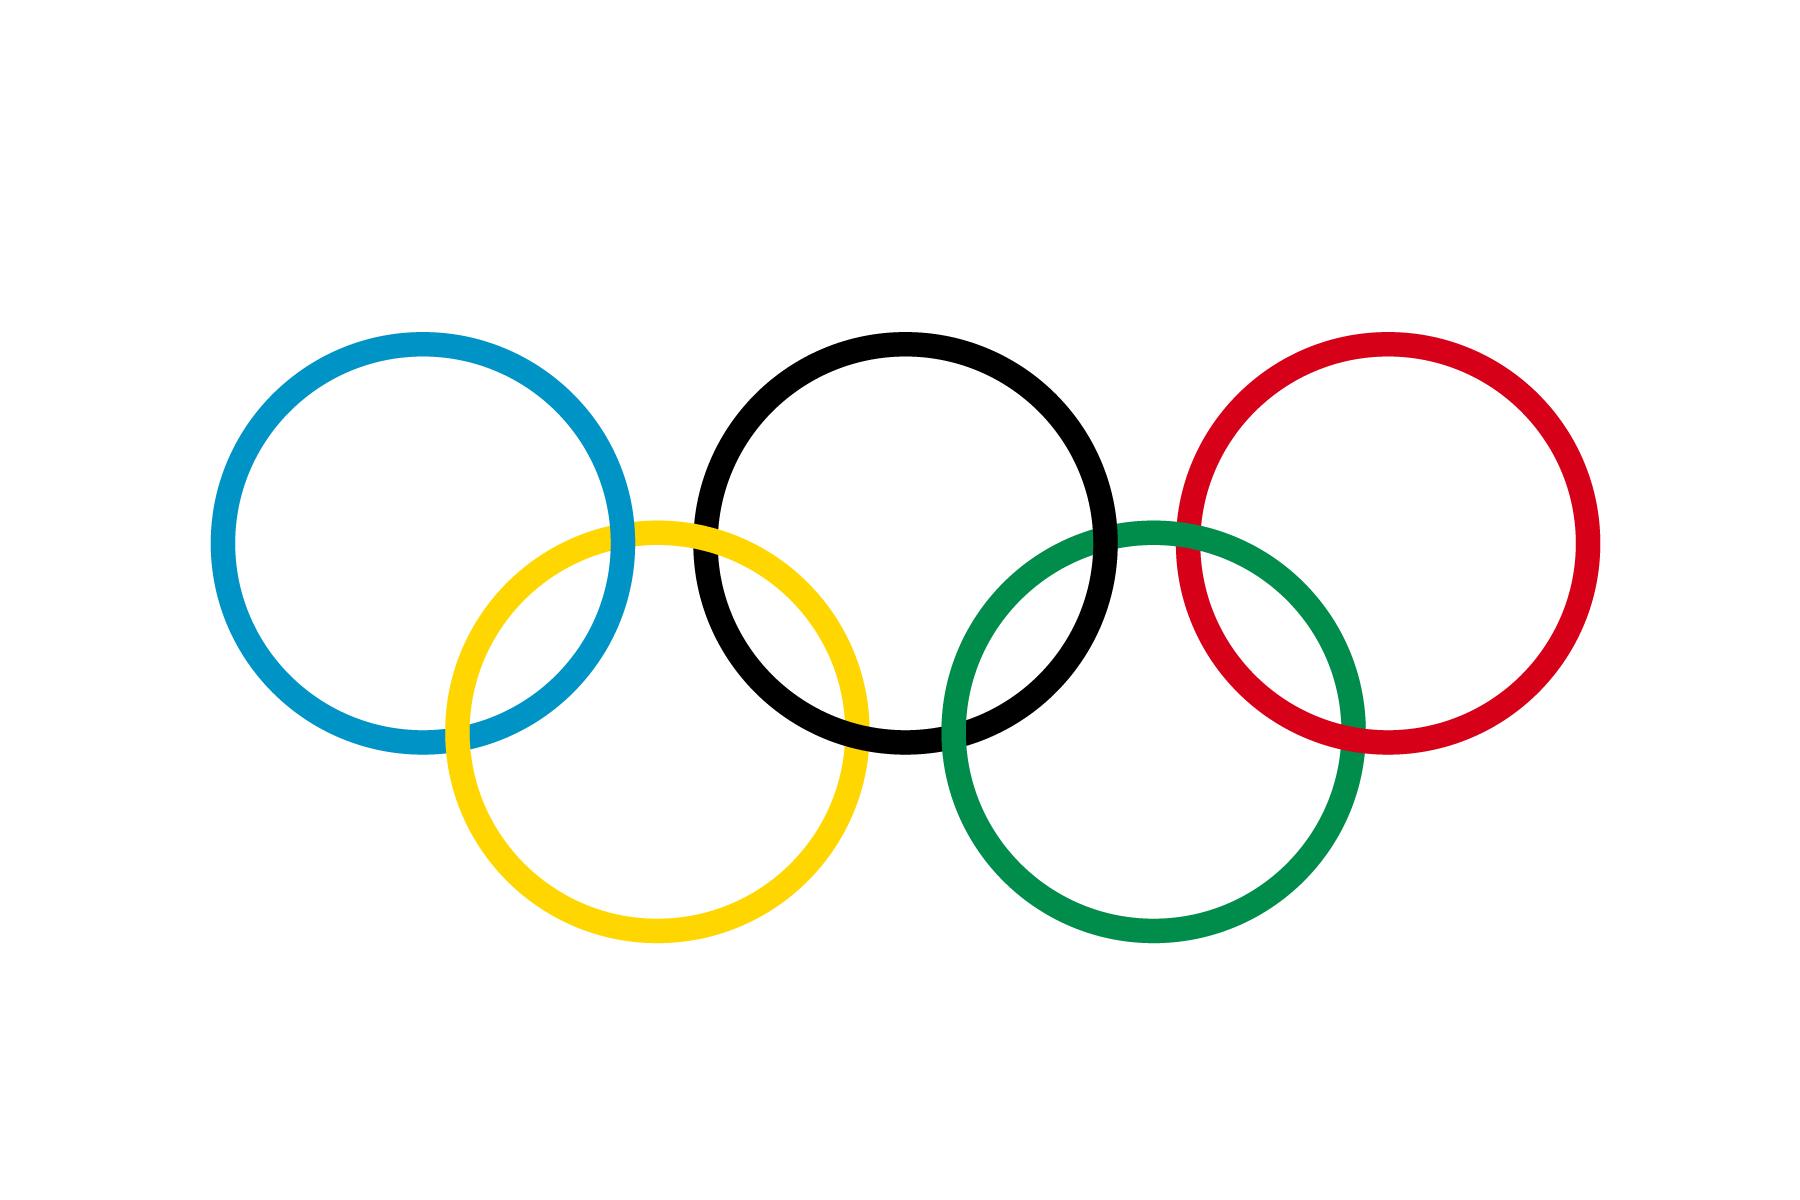 オリンピック | 地図に使えるフリー素材.jp